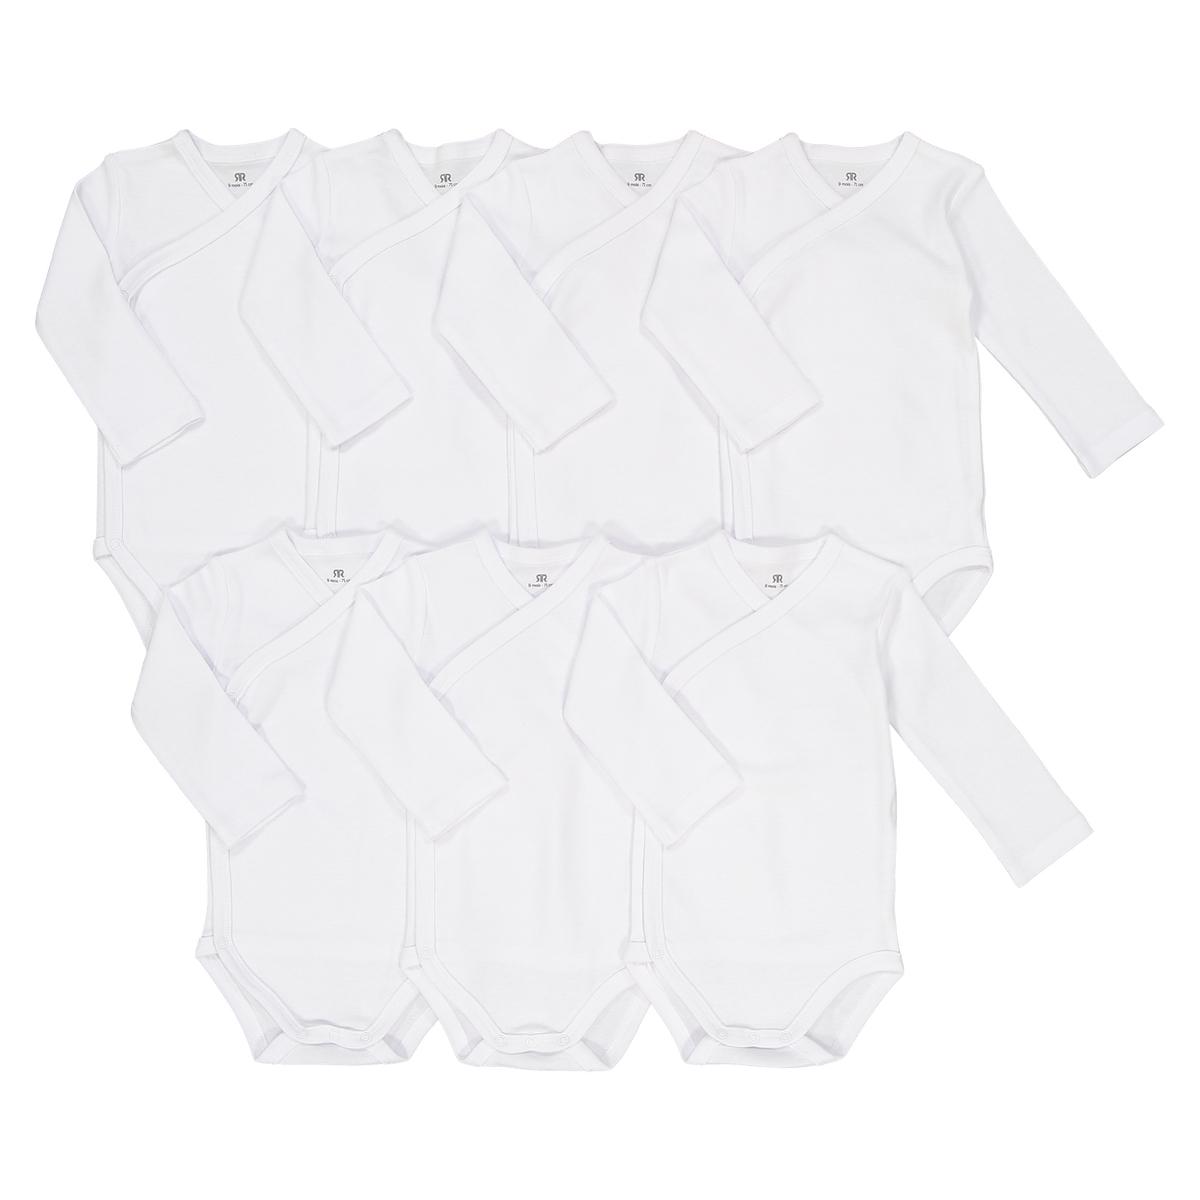 Боди La Redoute Из хлопка мес - года рожденные раньше срока - 45 см белый комплект из боди для la redoute новорожденных мес года рожденные раньше срока 45 см разноцветный